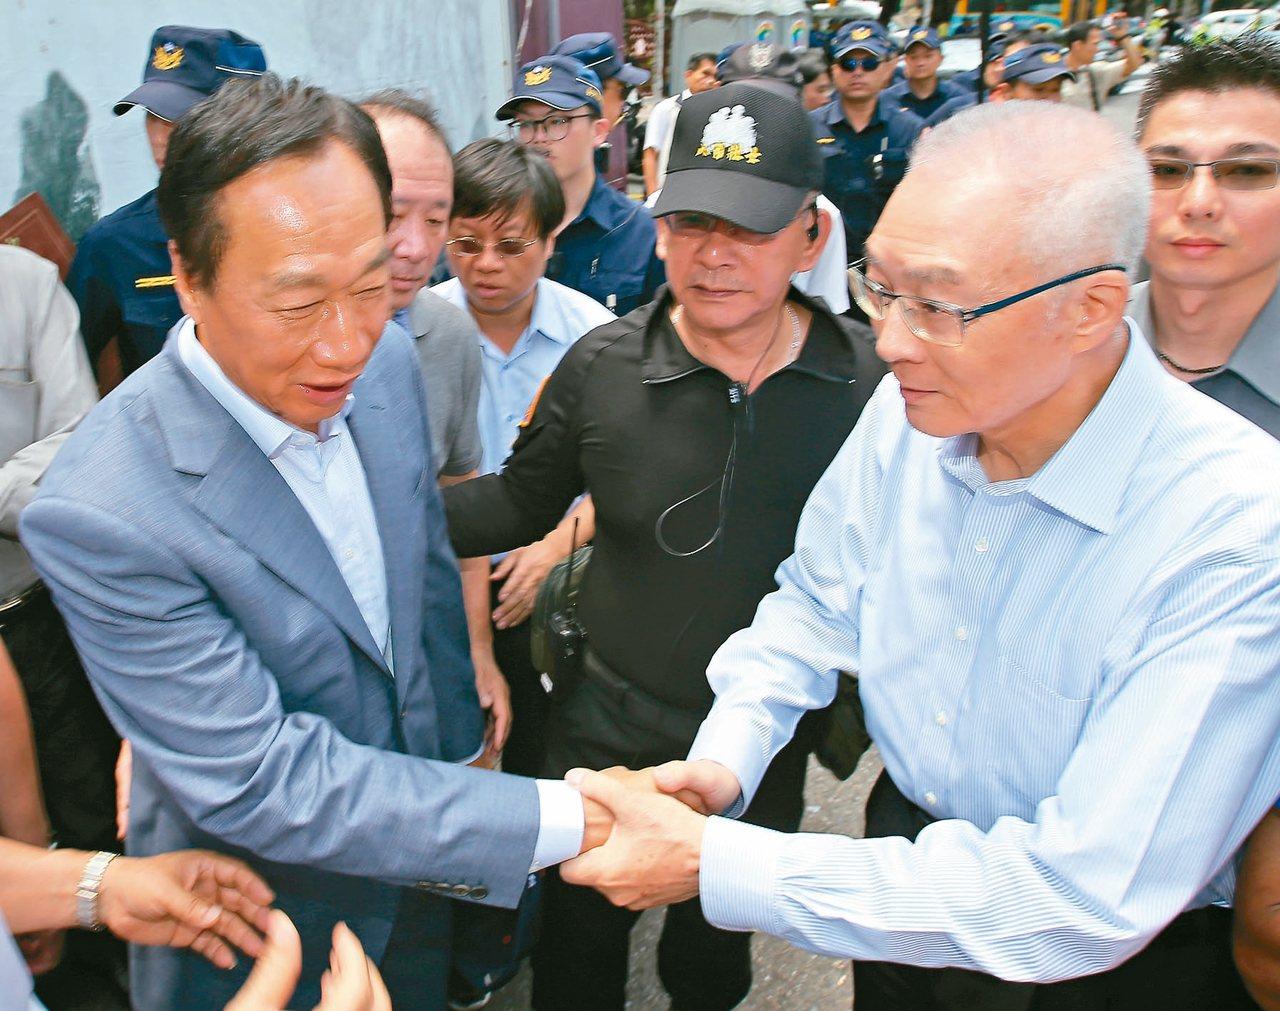 鴻海創辦人郭台銘(左)。 圖/聯合報系資料照片